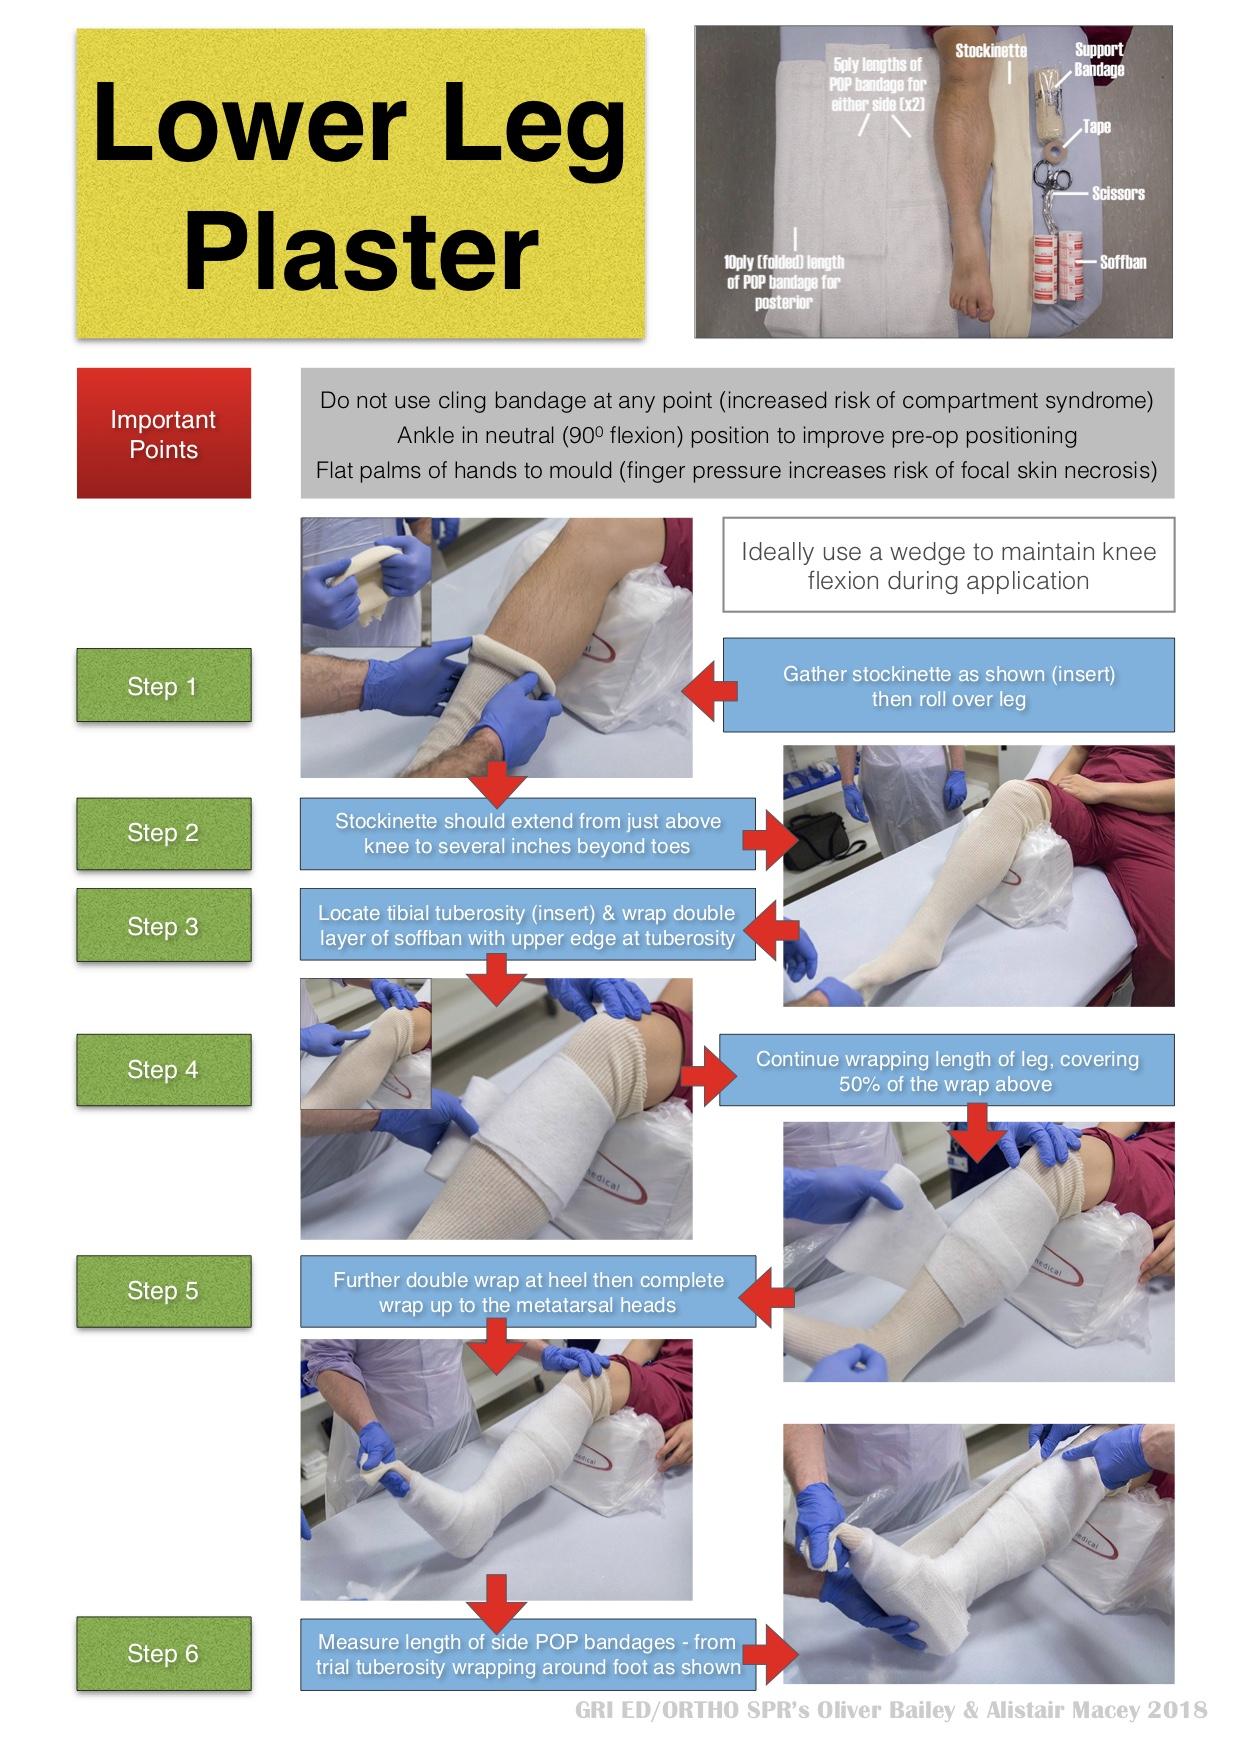 LOWER LEG PLASTER1.jpg